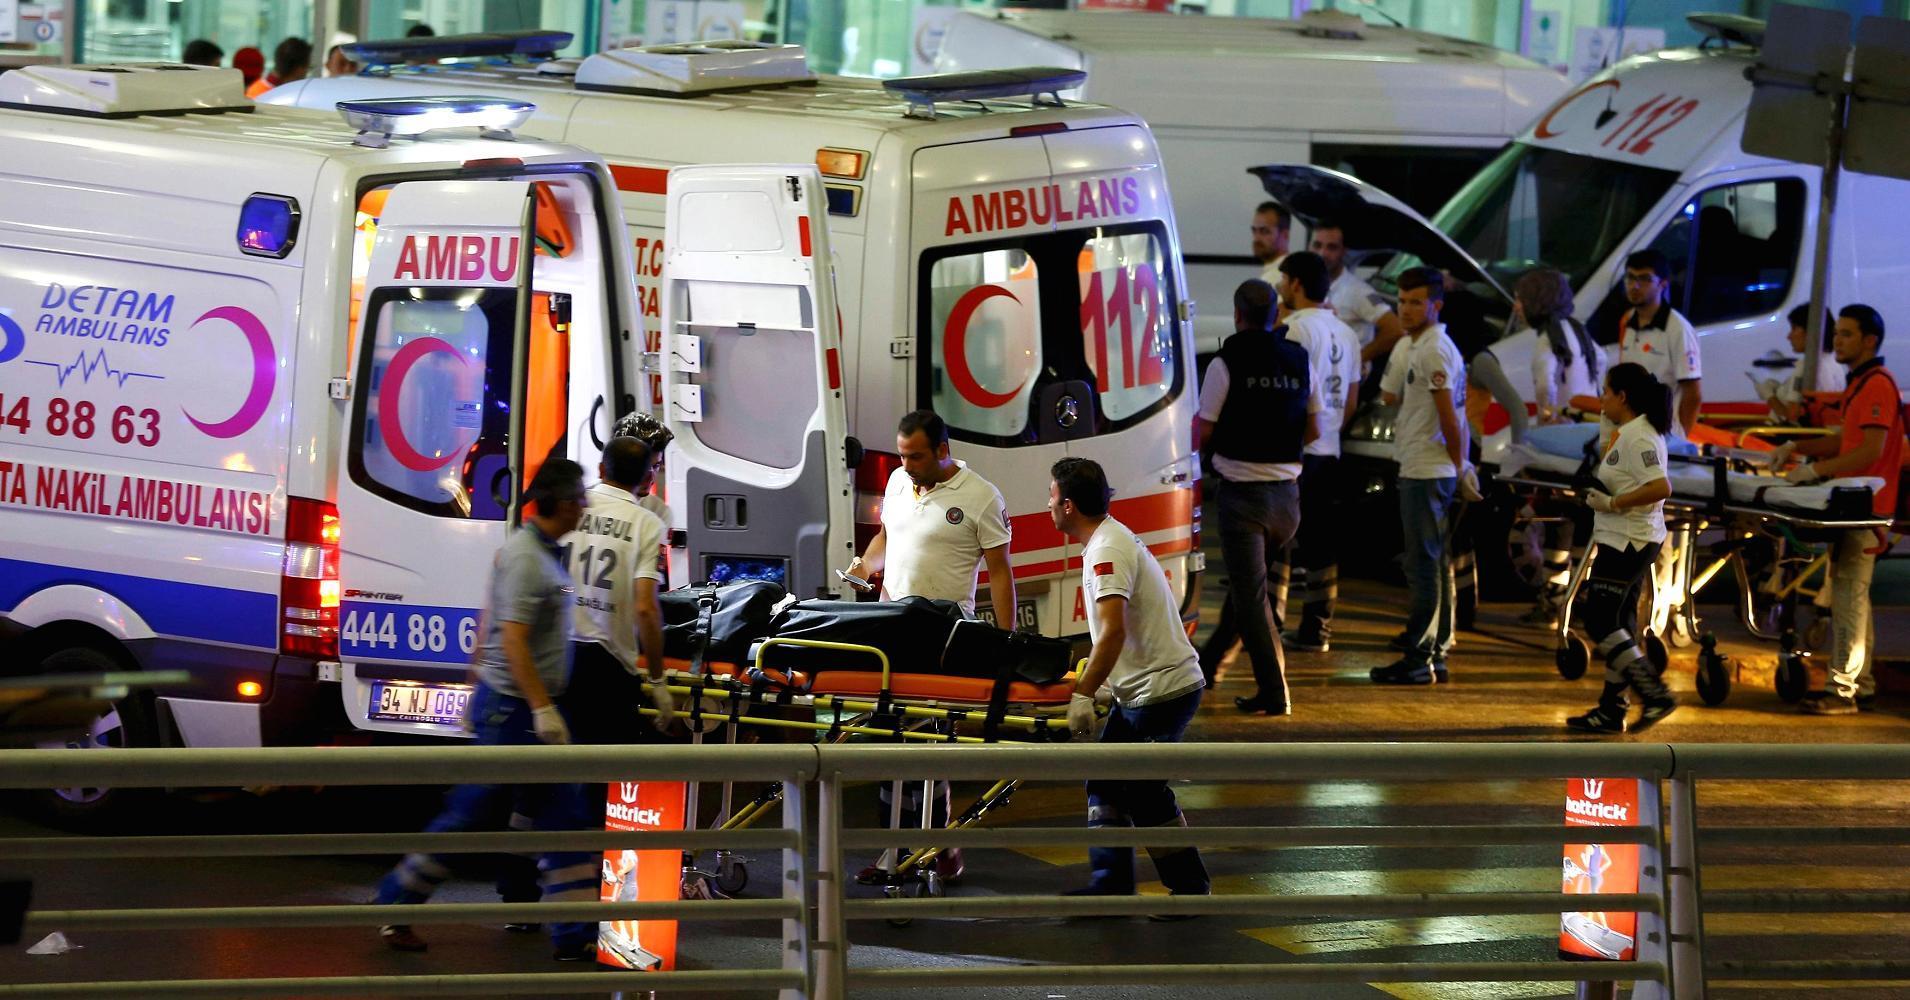 МИД Азербайджана осудило теракт, совершенный в стамбульском аэропорту